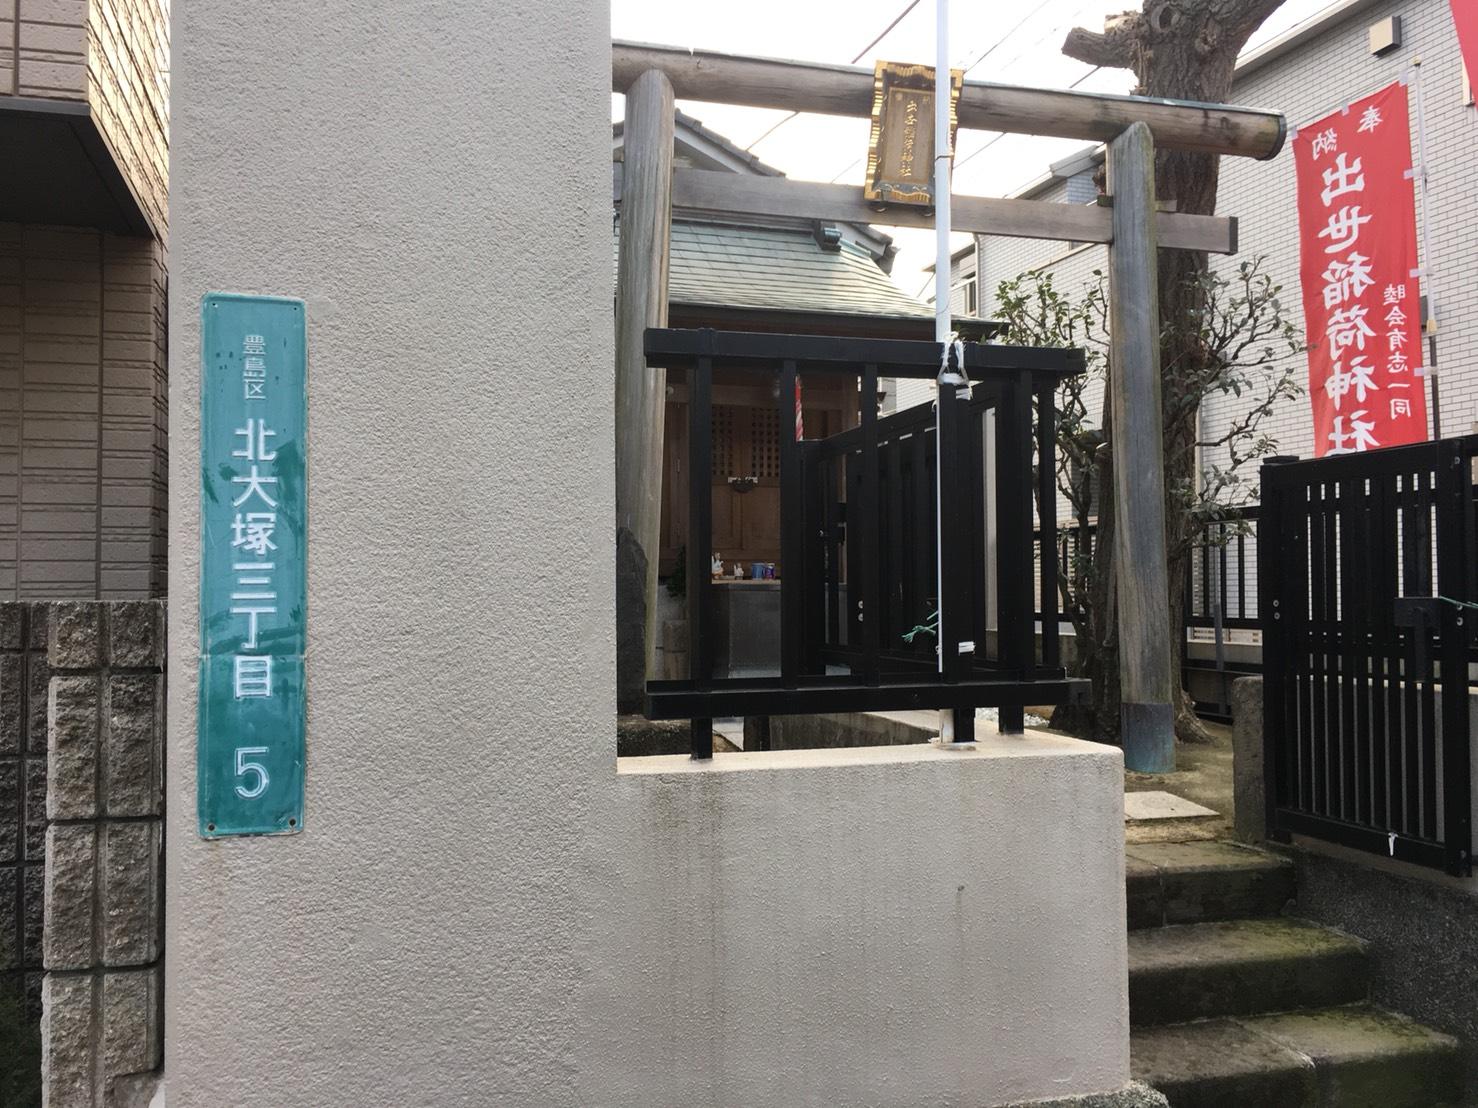 【大塚駅】ぶらり、ちょこっと大塚さんぽ。空蝉橋から抜けるスカイツリーが気持ちいい!の出世稲荷神社